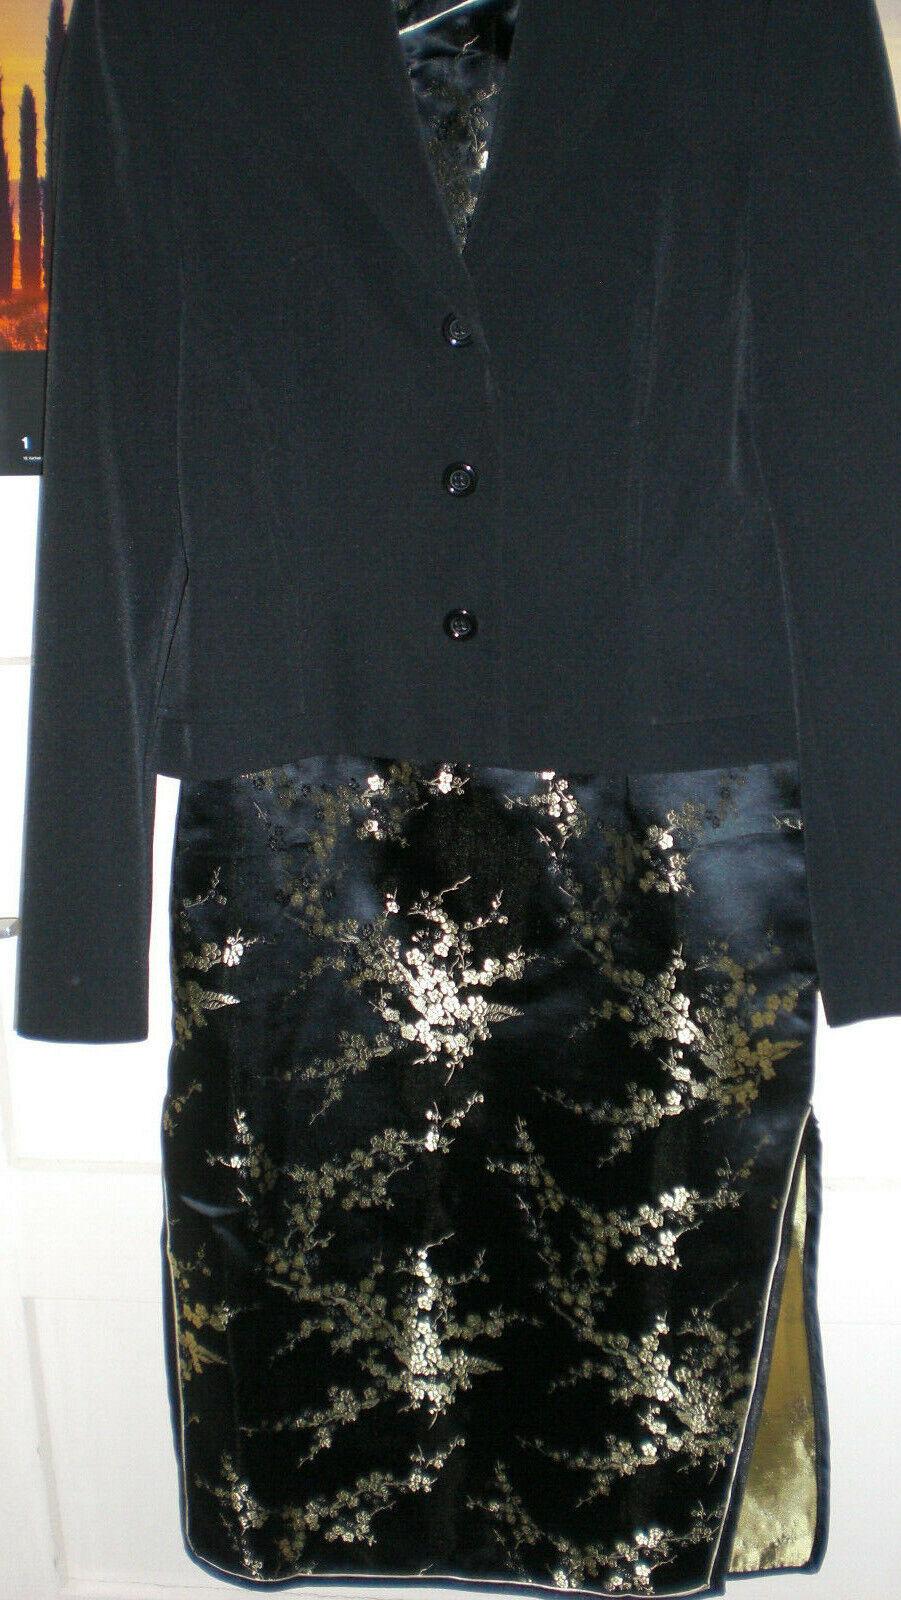 Kleid Japanisches Seidenkleid 36 schwarz Gold Damenkleid mit Blazer von Apart